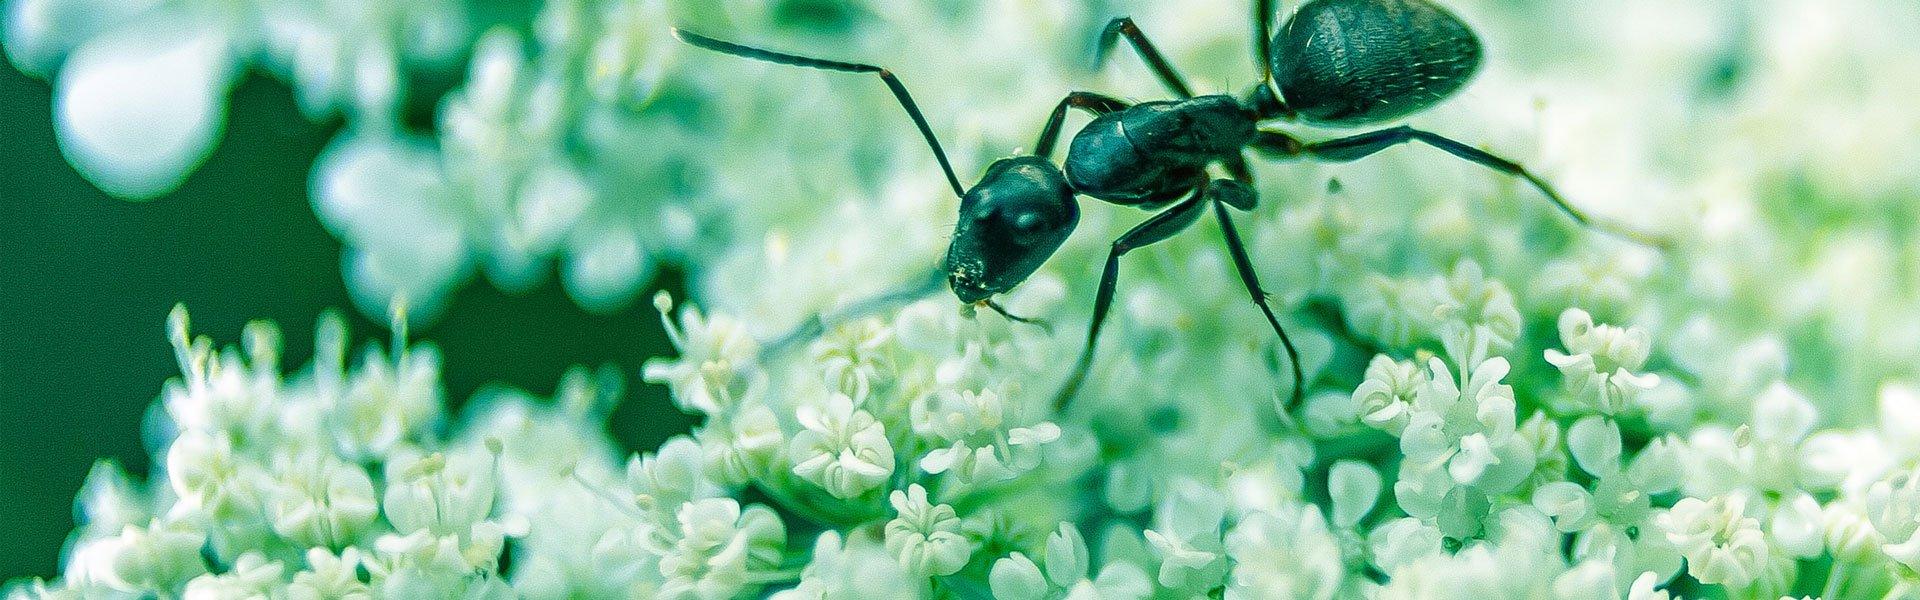 formiche in tenda